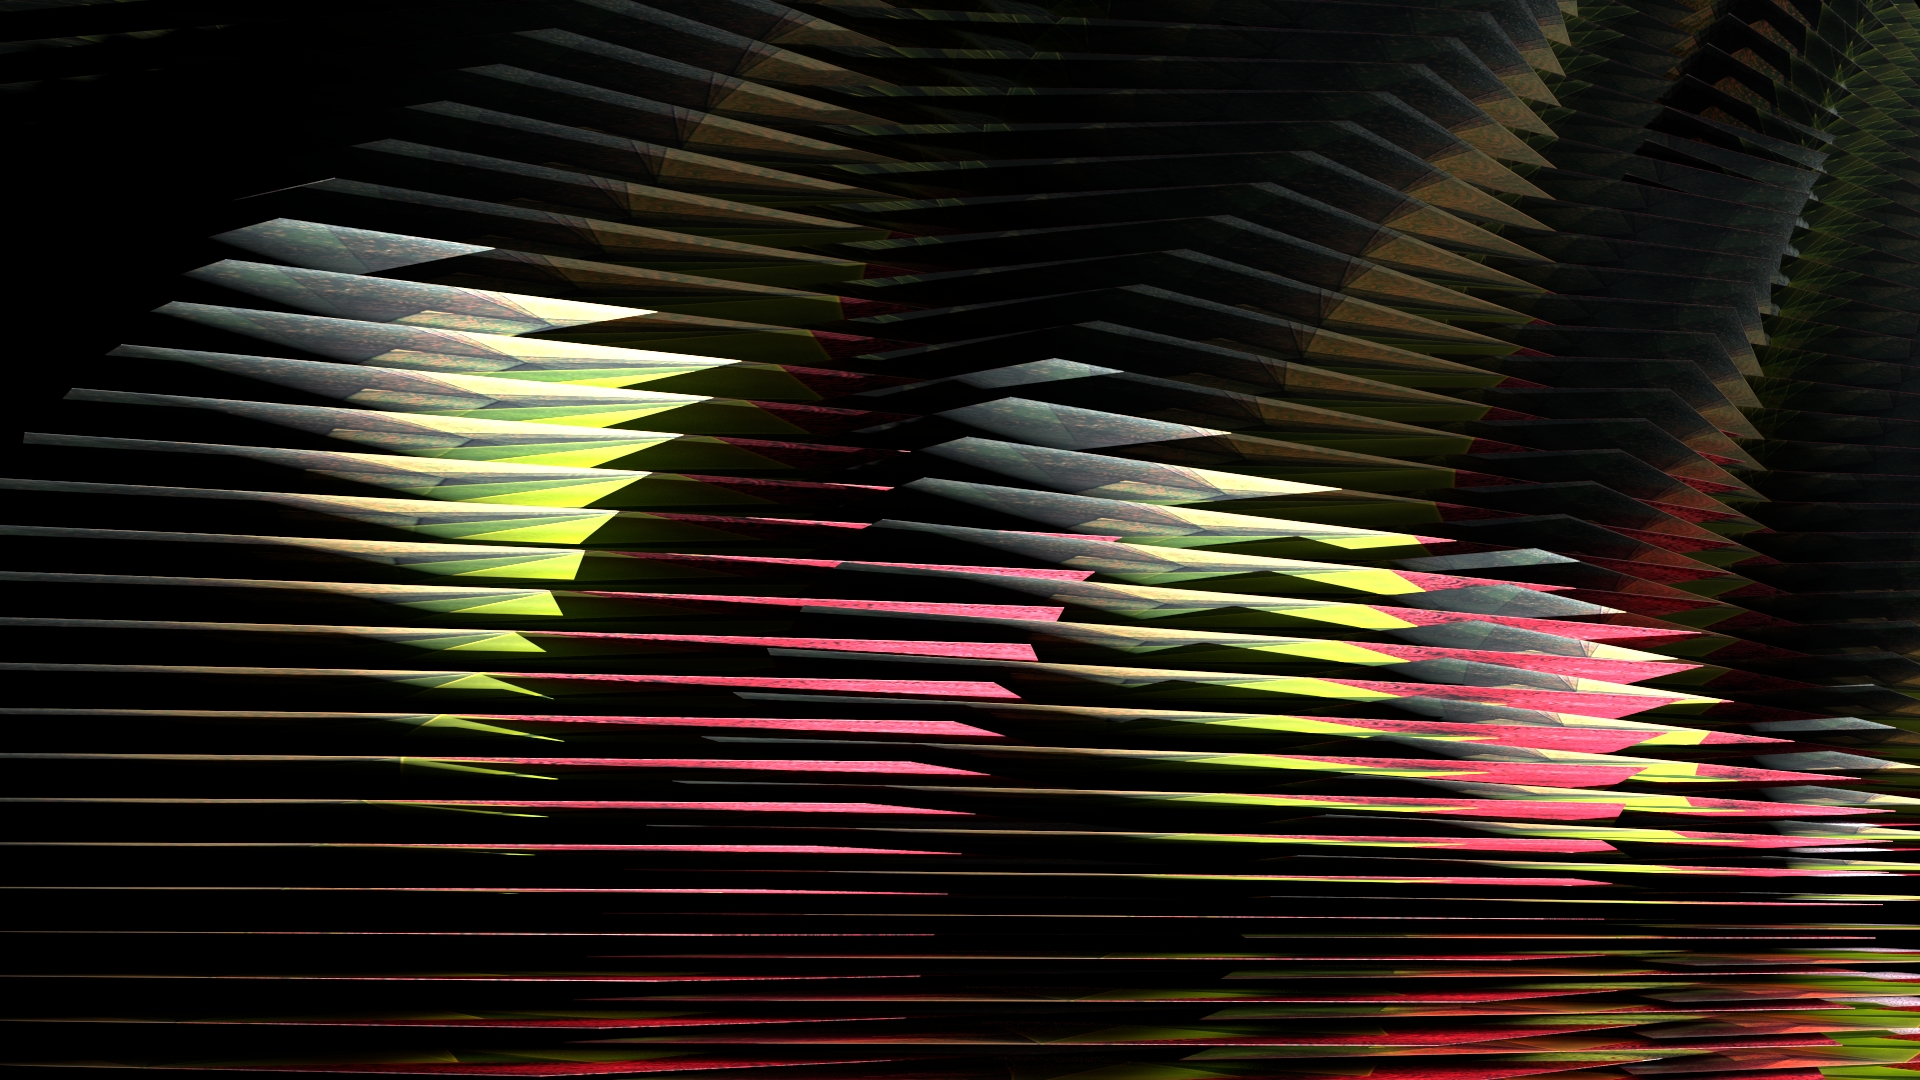 Elevation no. 24, digital image rendered with 3D modeling software, 2014